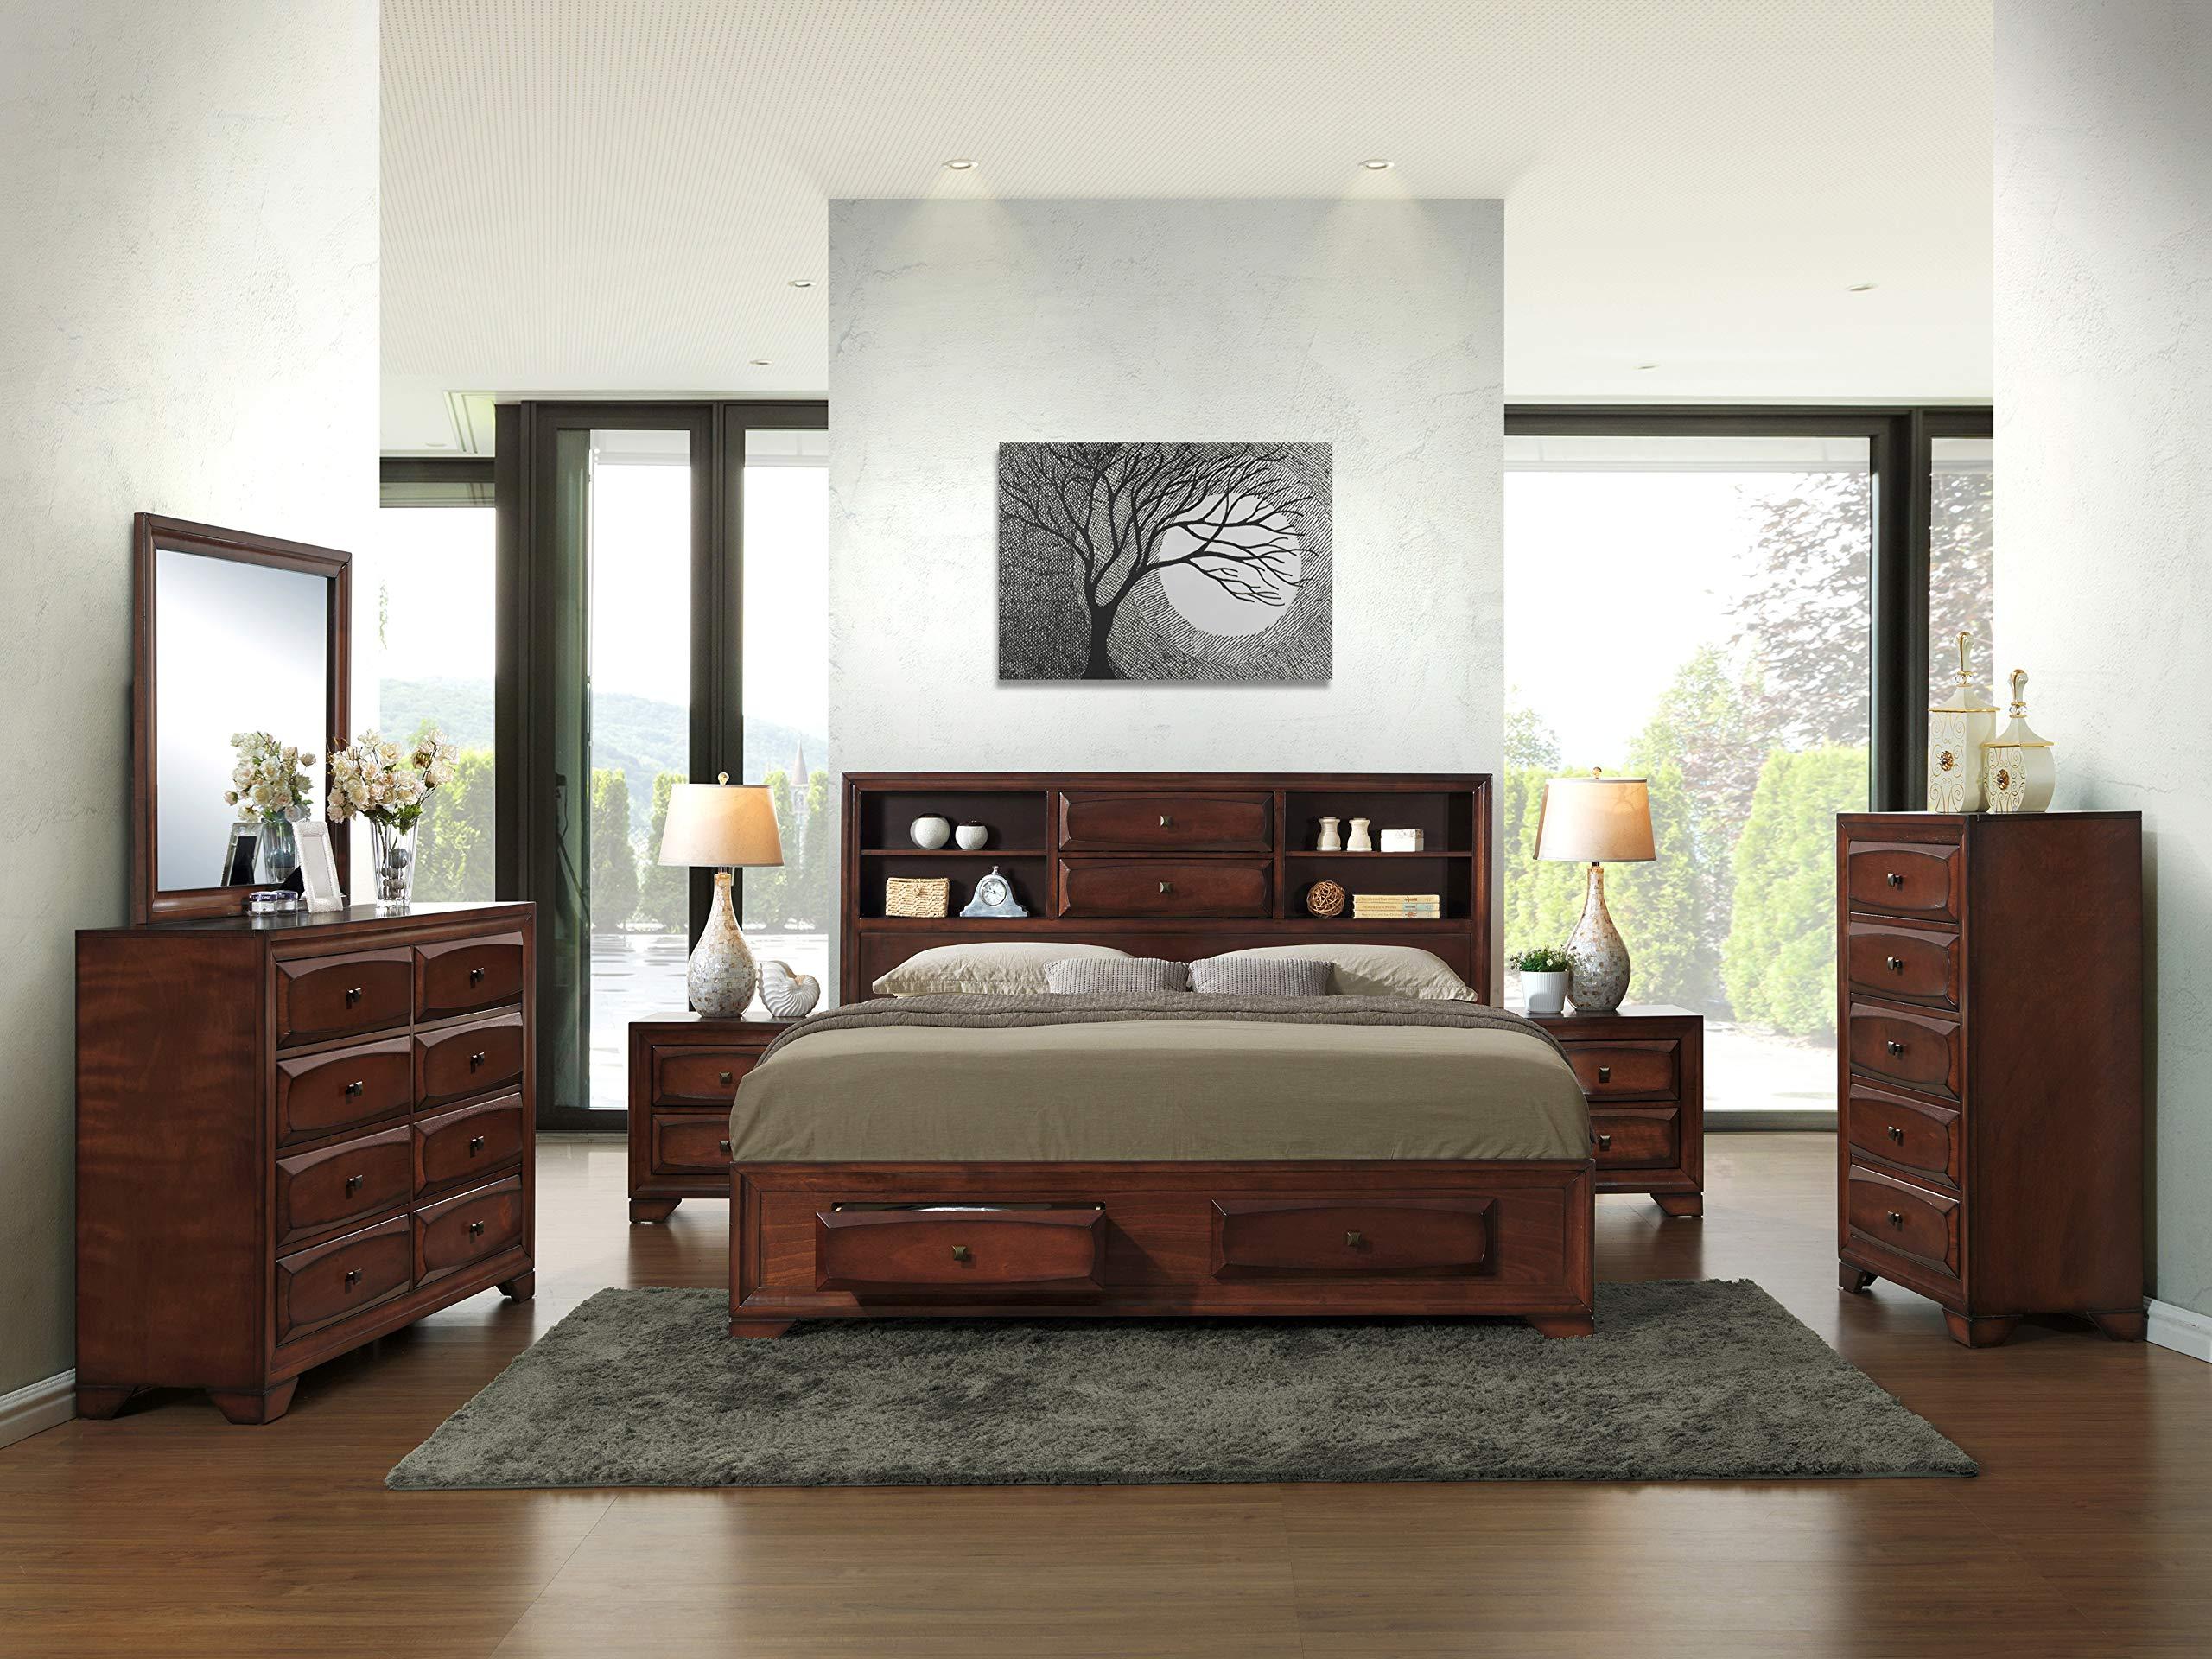 Roundhill Furniture B139BKDMN2C Asger Wood Bed Room Set, King, Antique Oak Finish